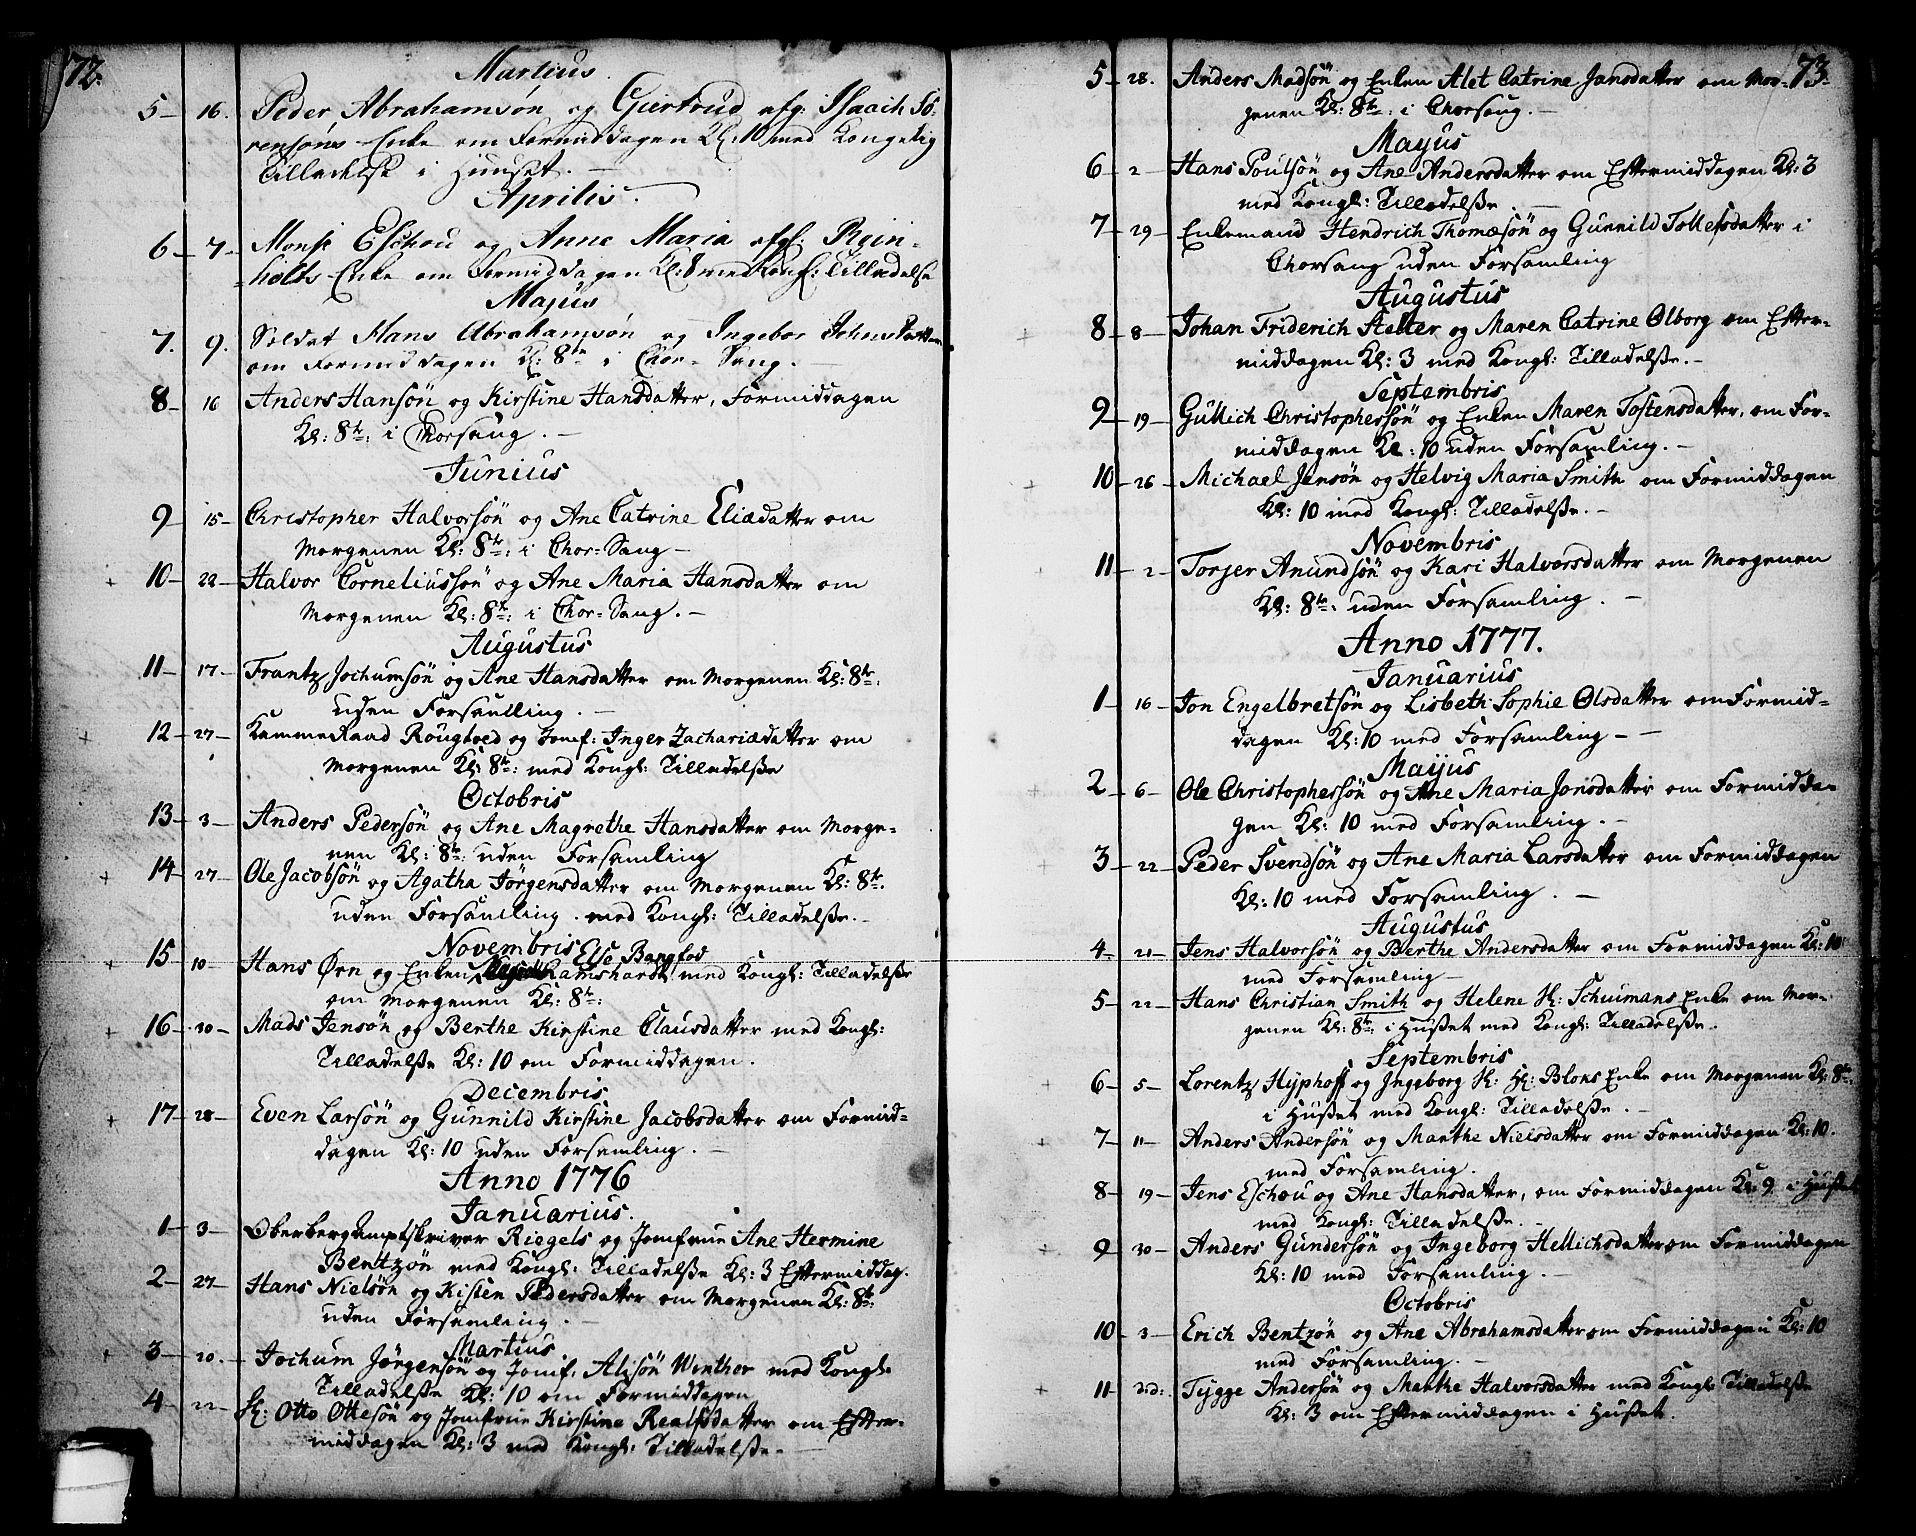 SAKO, Skien kirkebøker, F/Fa/L0003: Ministerialbok nr. 3, 1755-1791, s. 72-73